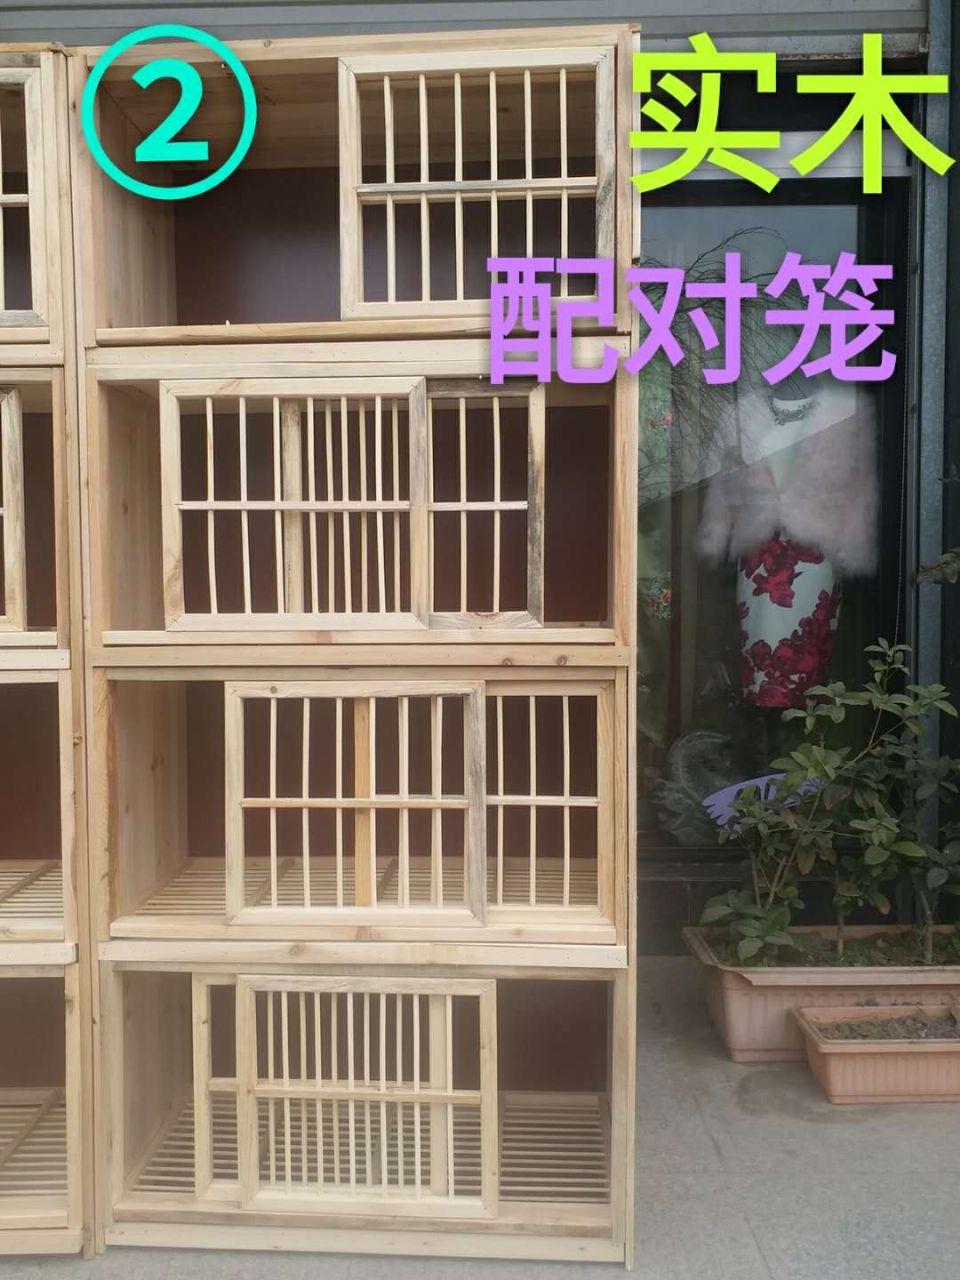 配对笼实木配对巢箱2号款组合鸽笼左右推拉门赛鸽种鸽信鸽孵蛋